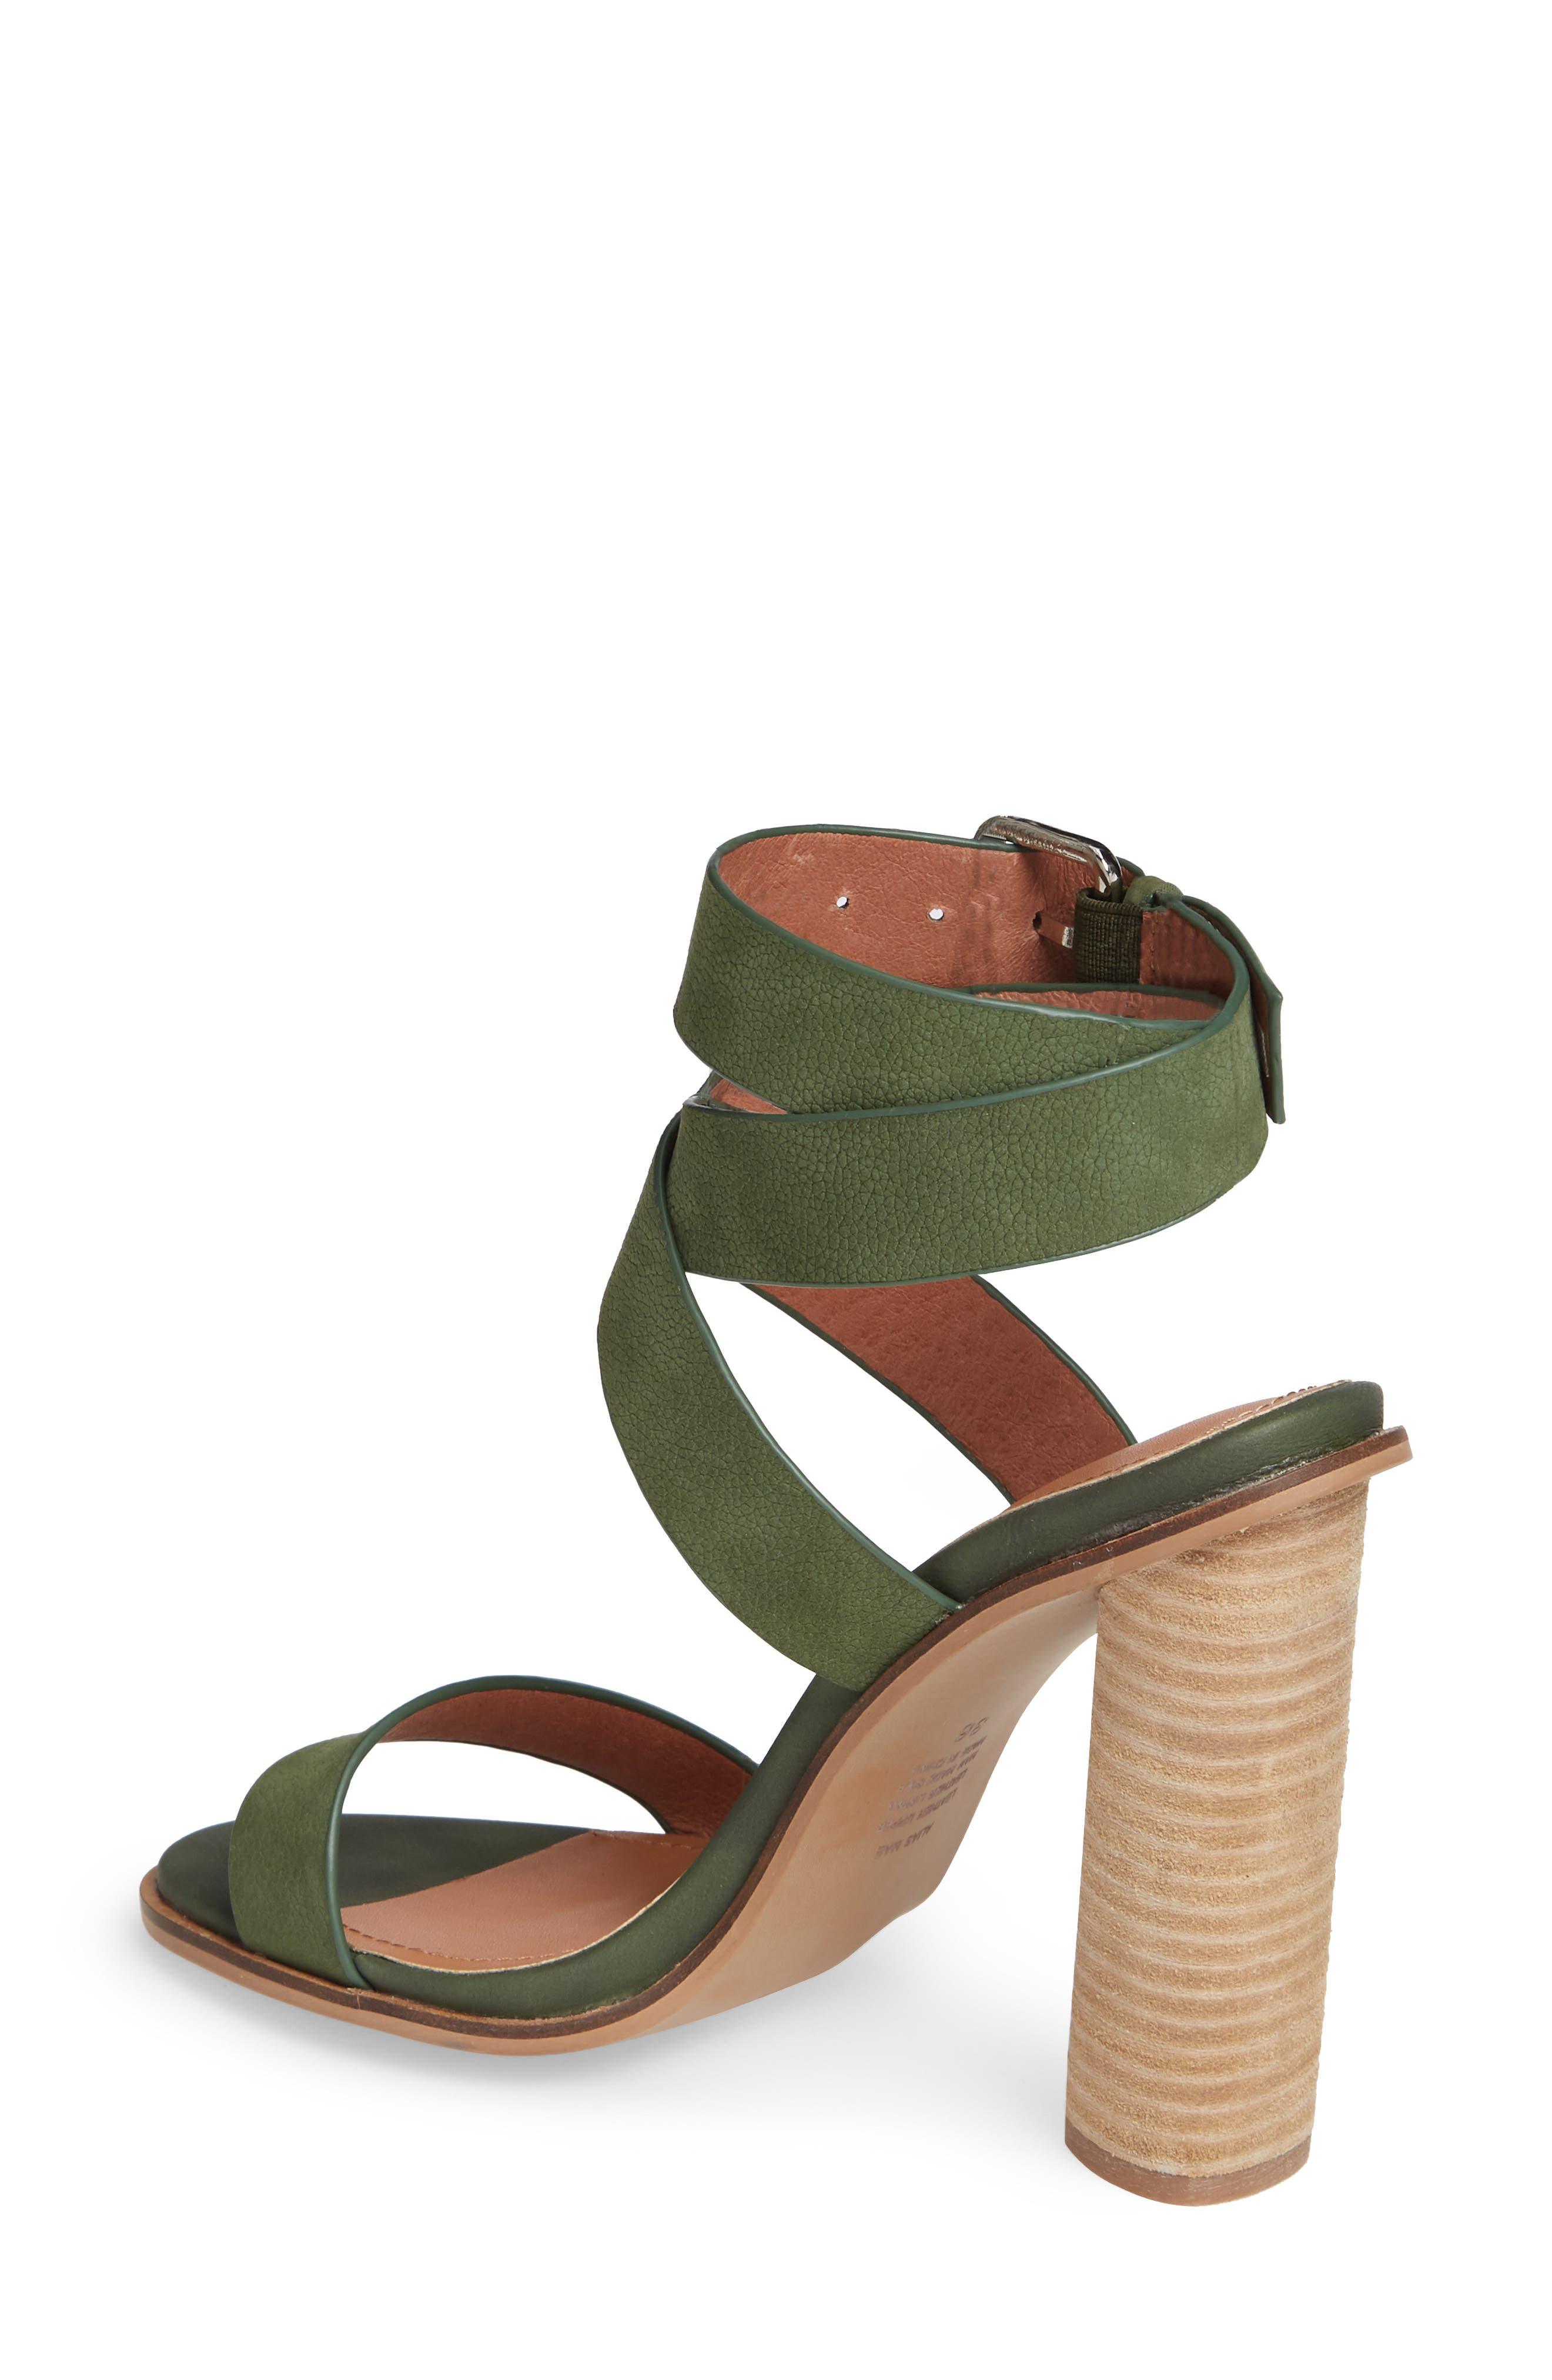 Abaala Cross Strap Sandal,                             Alternate thumbnail 2, color,                             KHAKI